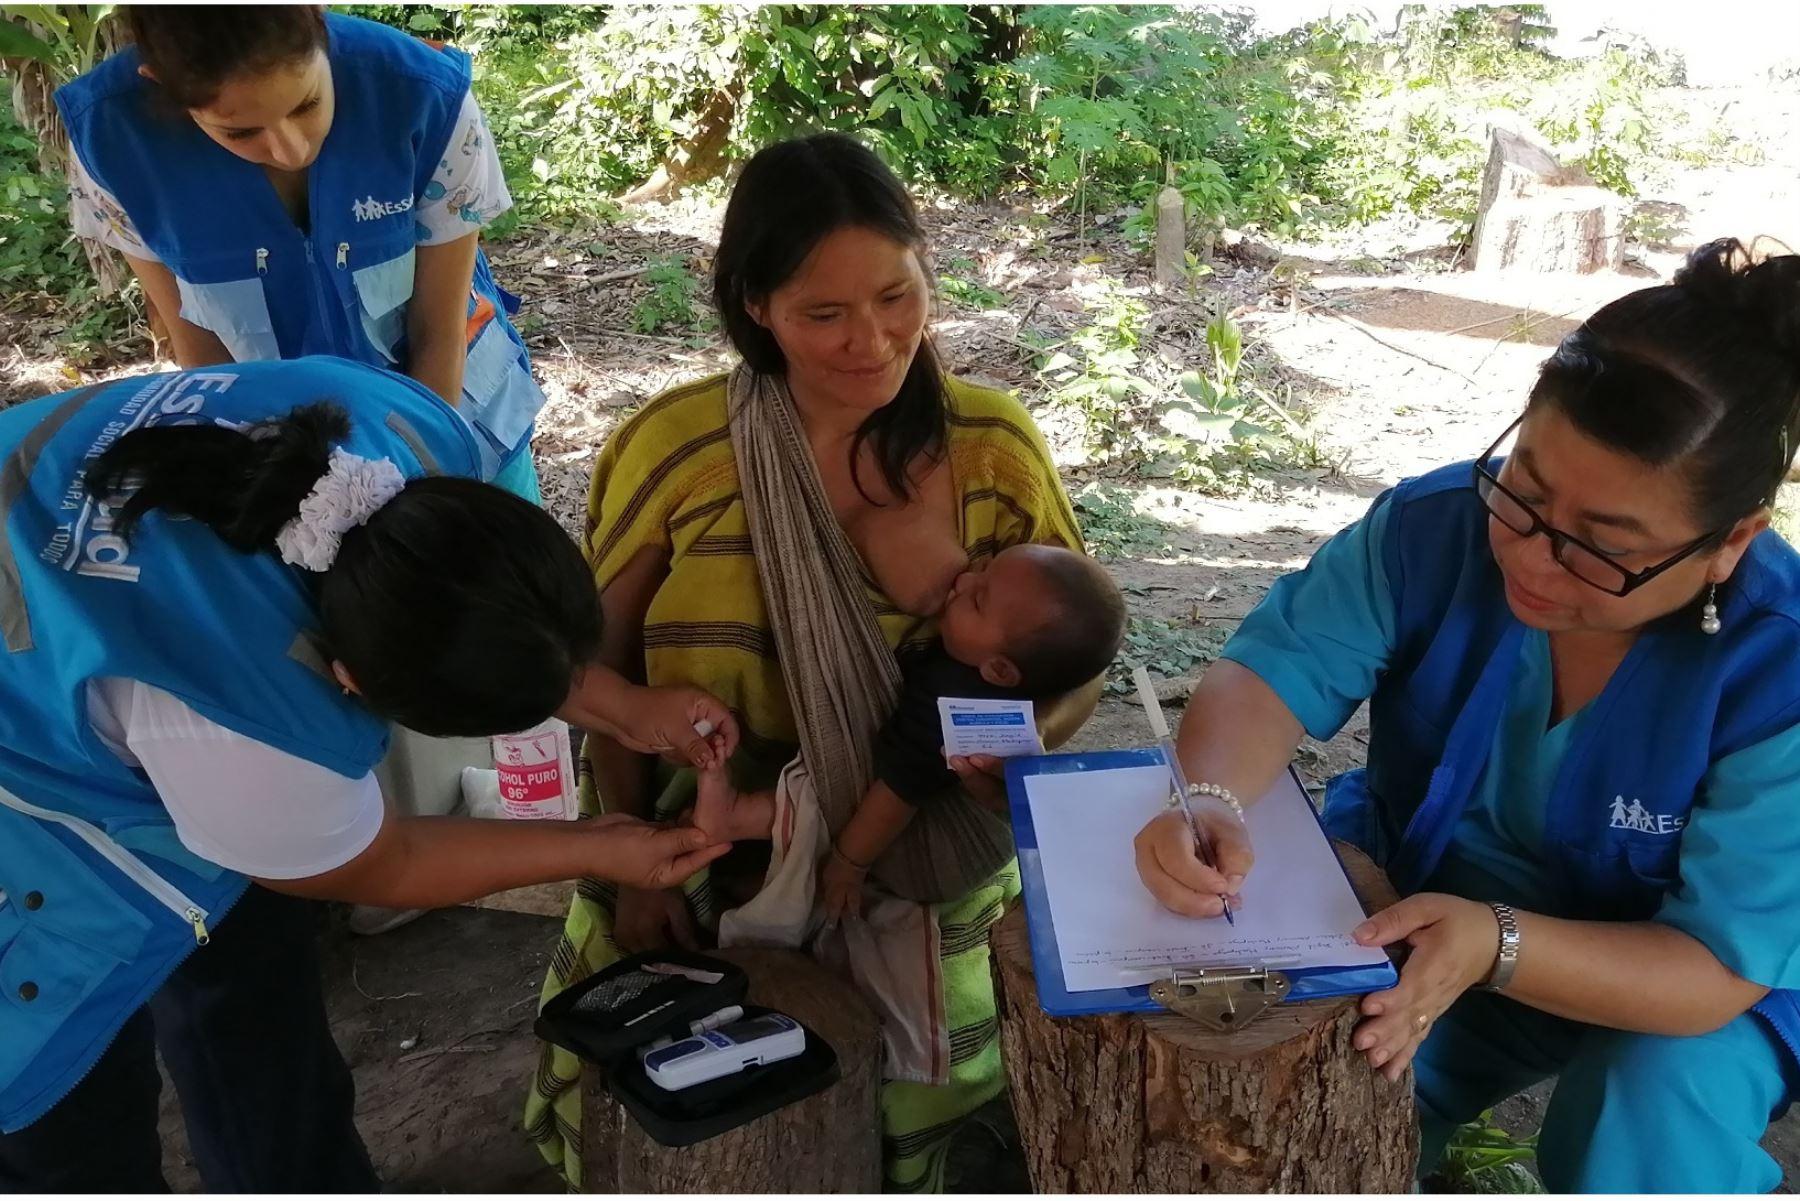 Enfermeras y técnicas de la Red Asistencial Madre de Dios se desplazaron por vías fluvial y terrestre hacia las comunidades machiguengas para vacunar a los niños contra el sarampión, polio y rubeola.